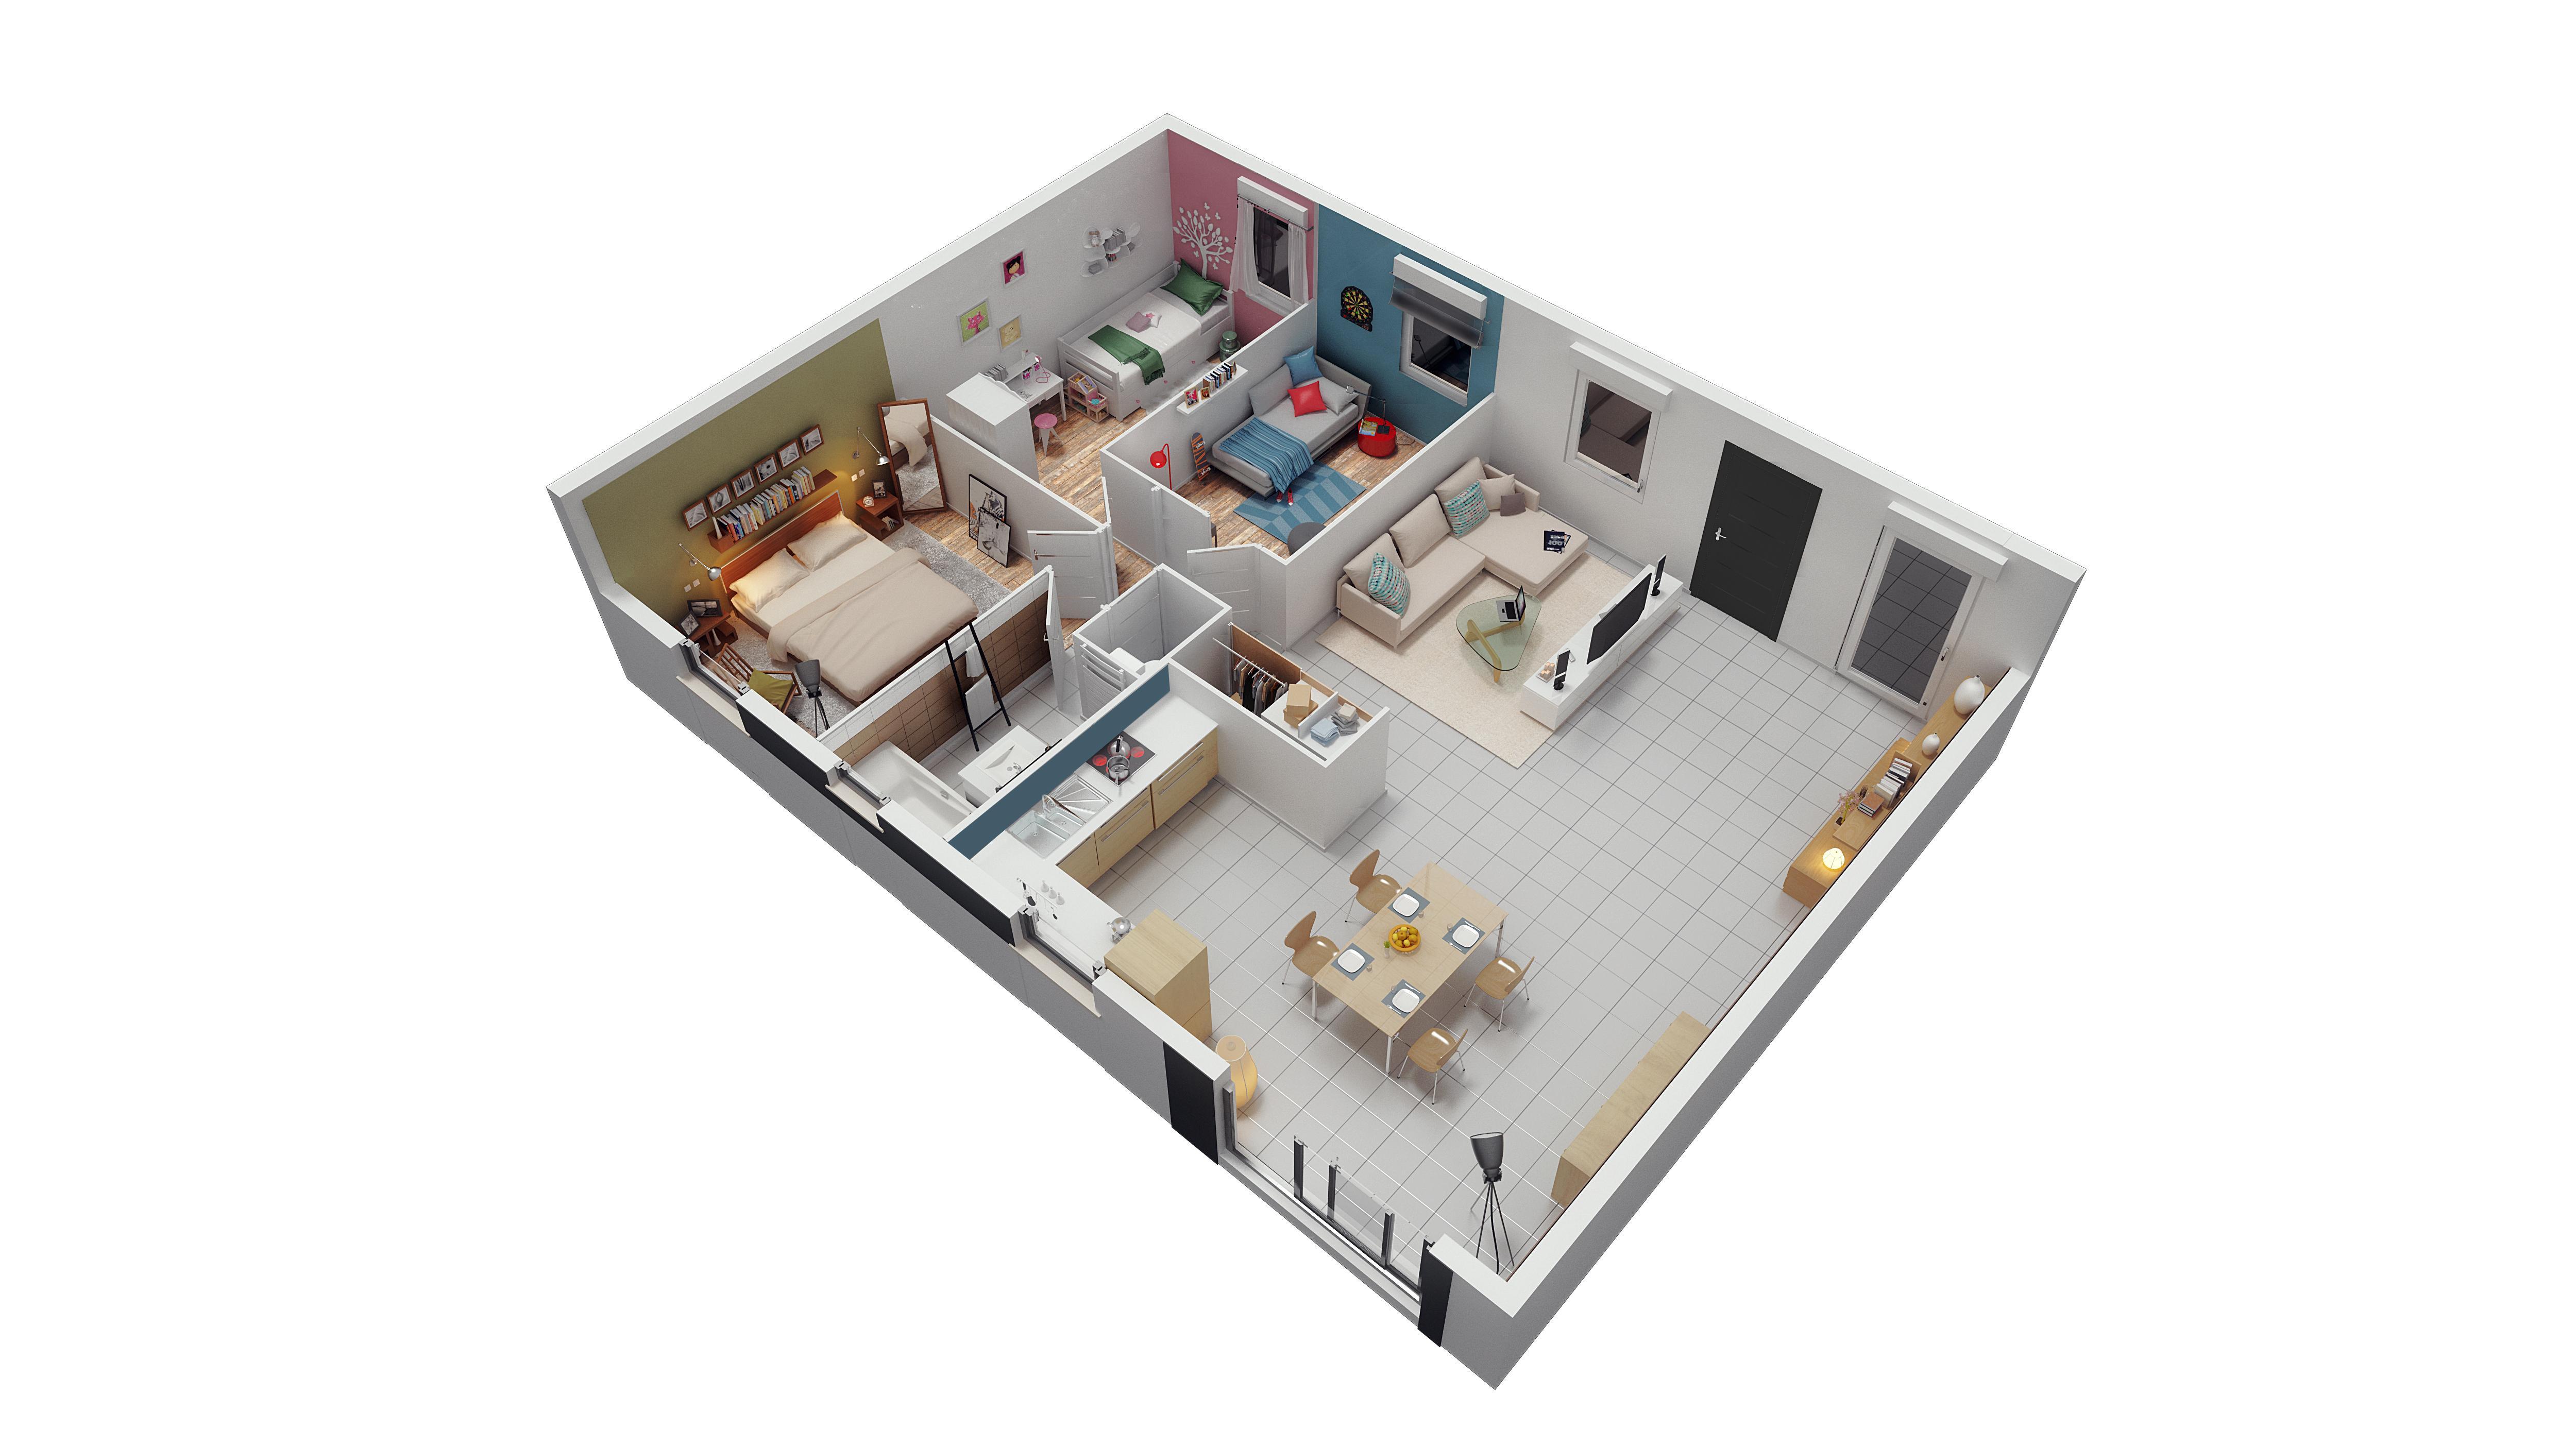 Maisons phenix maison 6 pi ce s 99 m bourgoin jallieu for Constructeur maison bourgoin